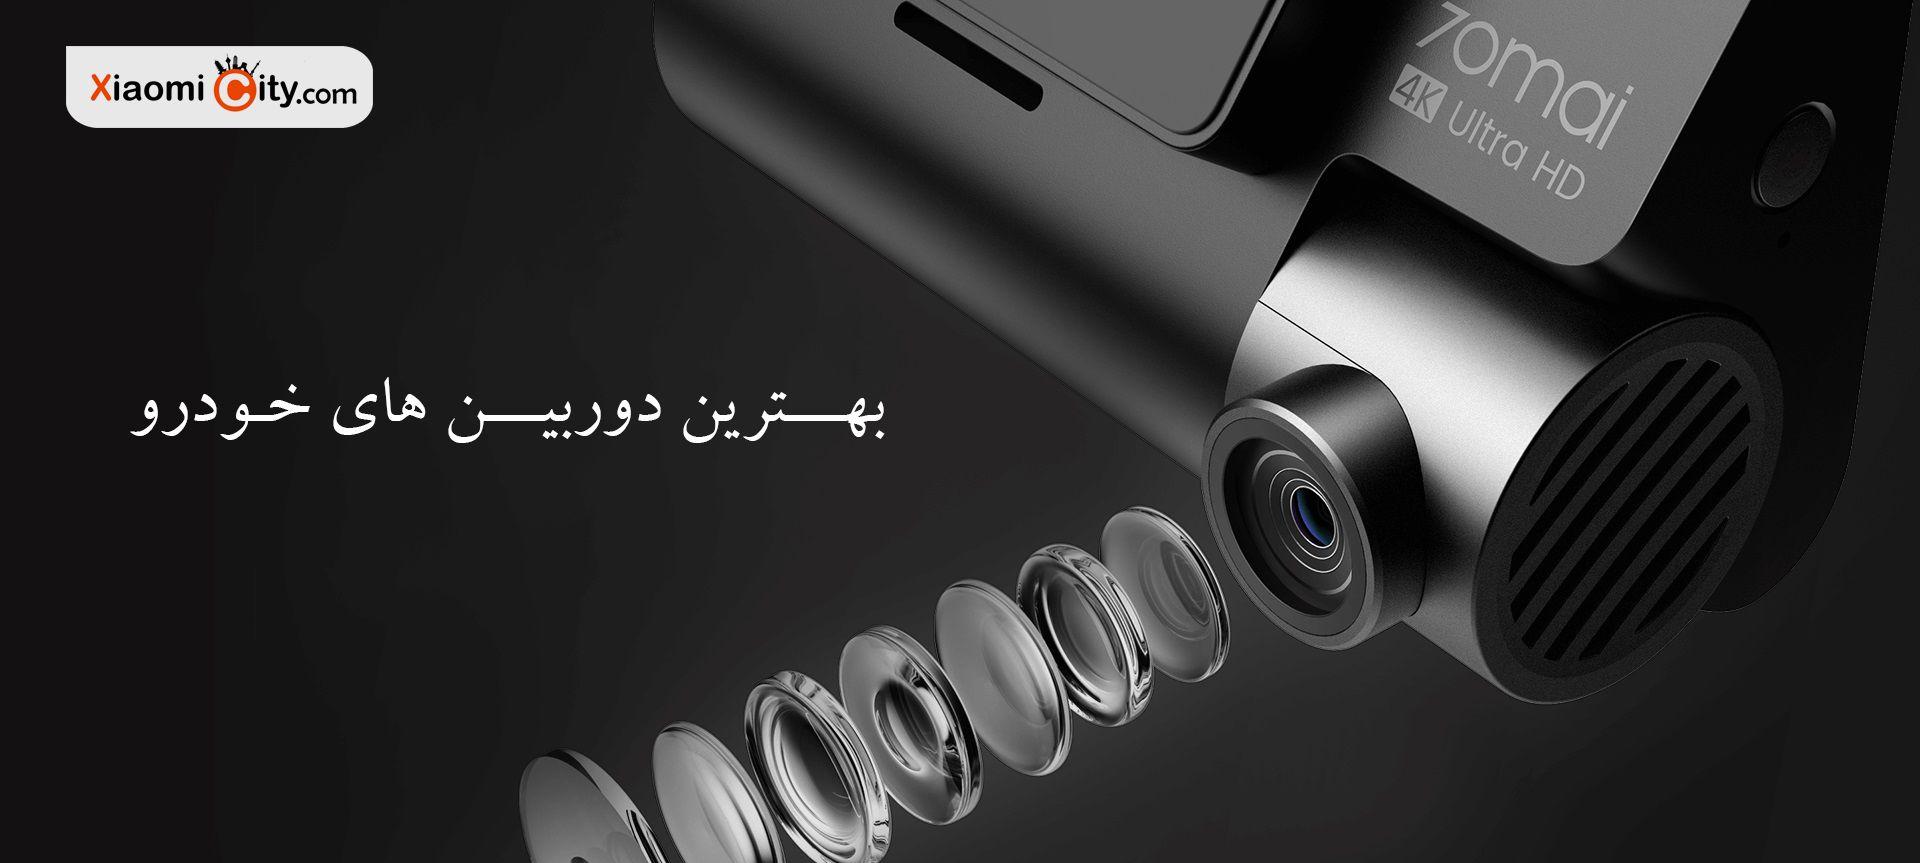 بهترین دوربین های خودرو